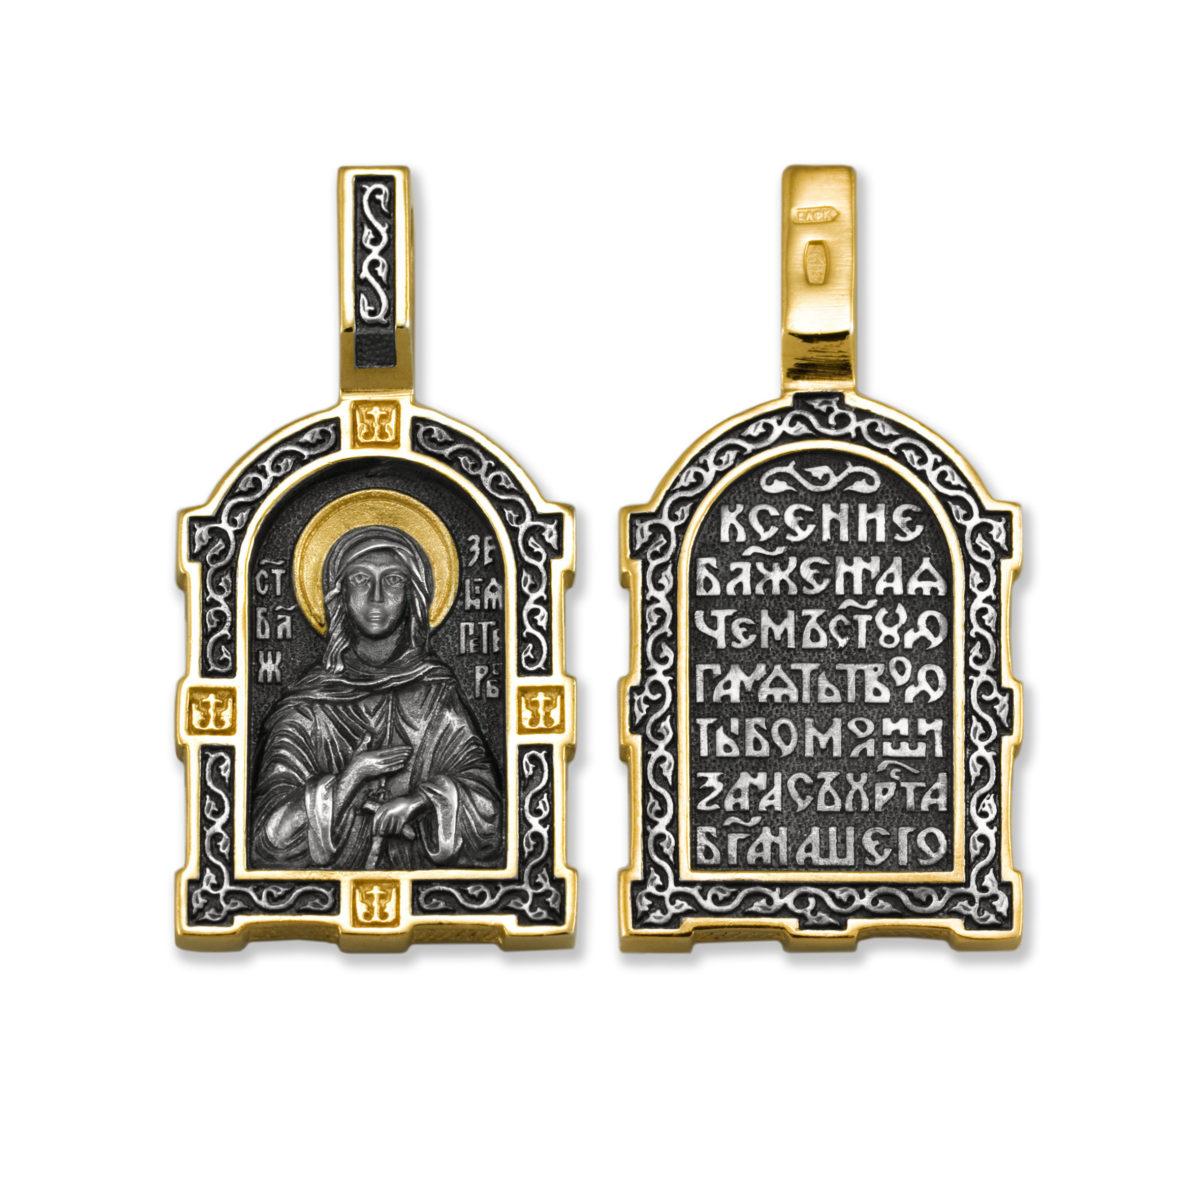 8.34 1200x1200 - Образок «Святая Блаженная Ксения Петербургская. Молитва»